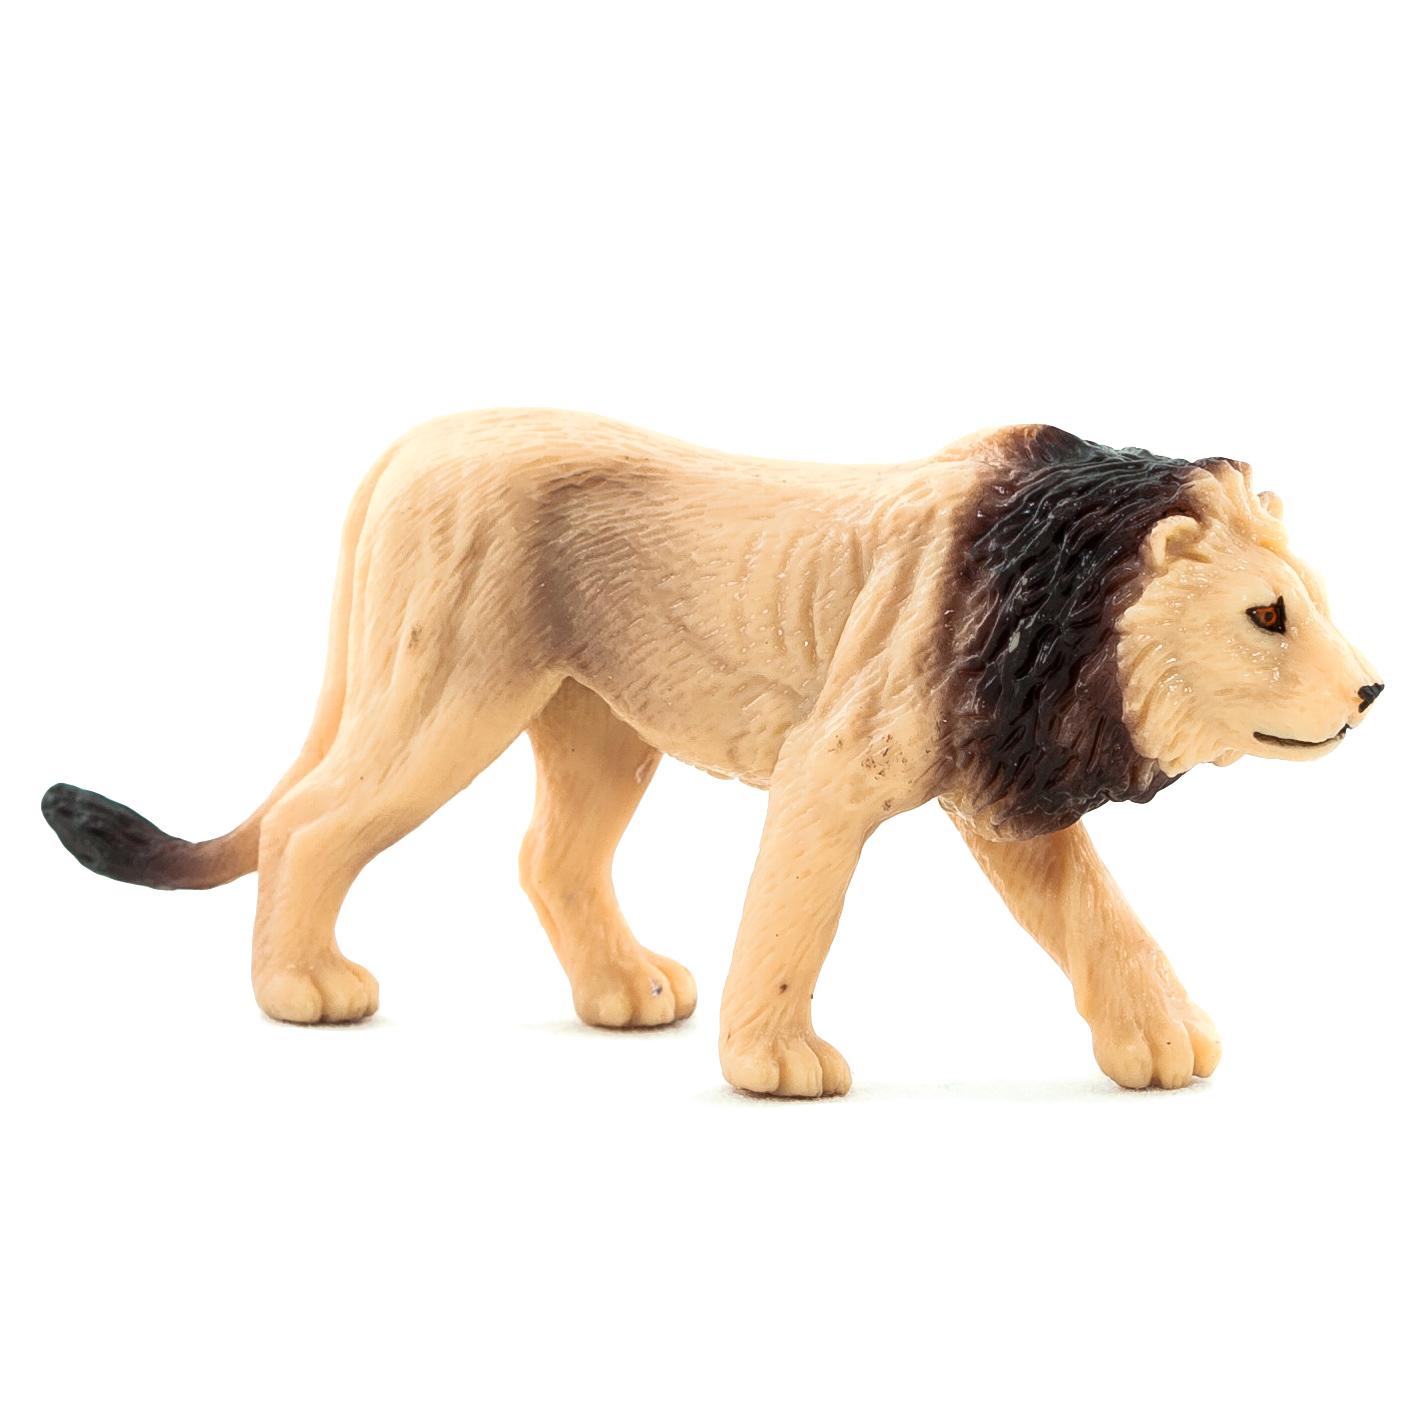 Фигурка ЛьваДикая природа (Wildlife)<br>Фигурка Льва<br>